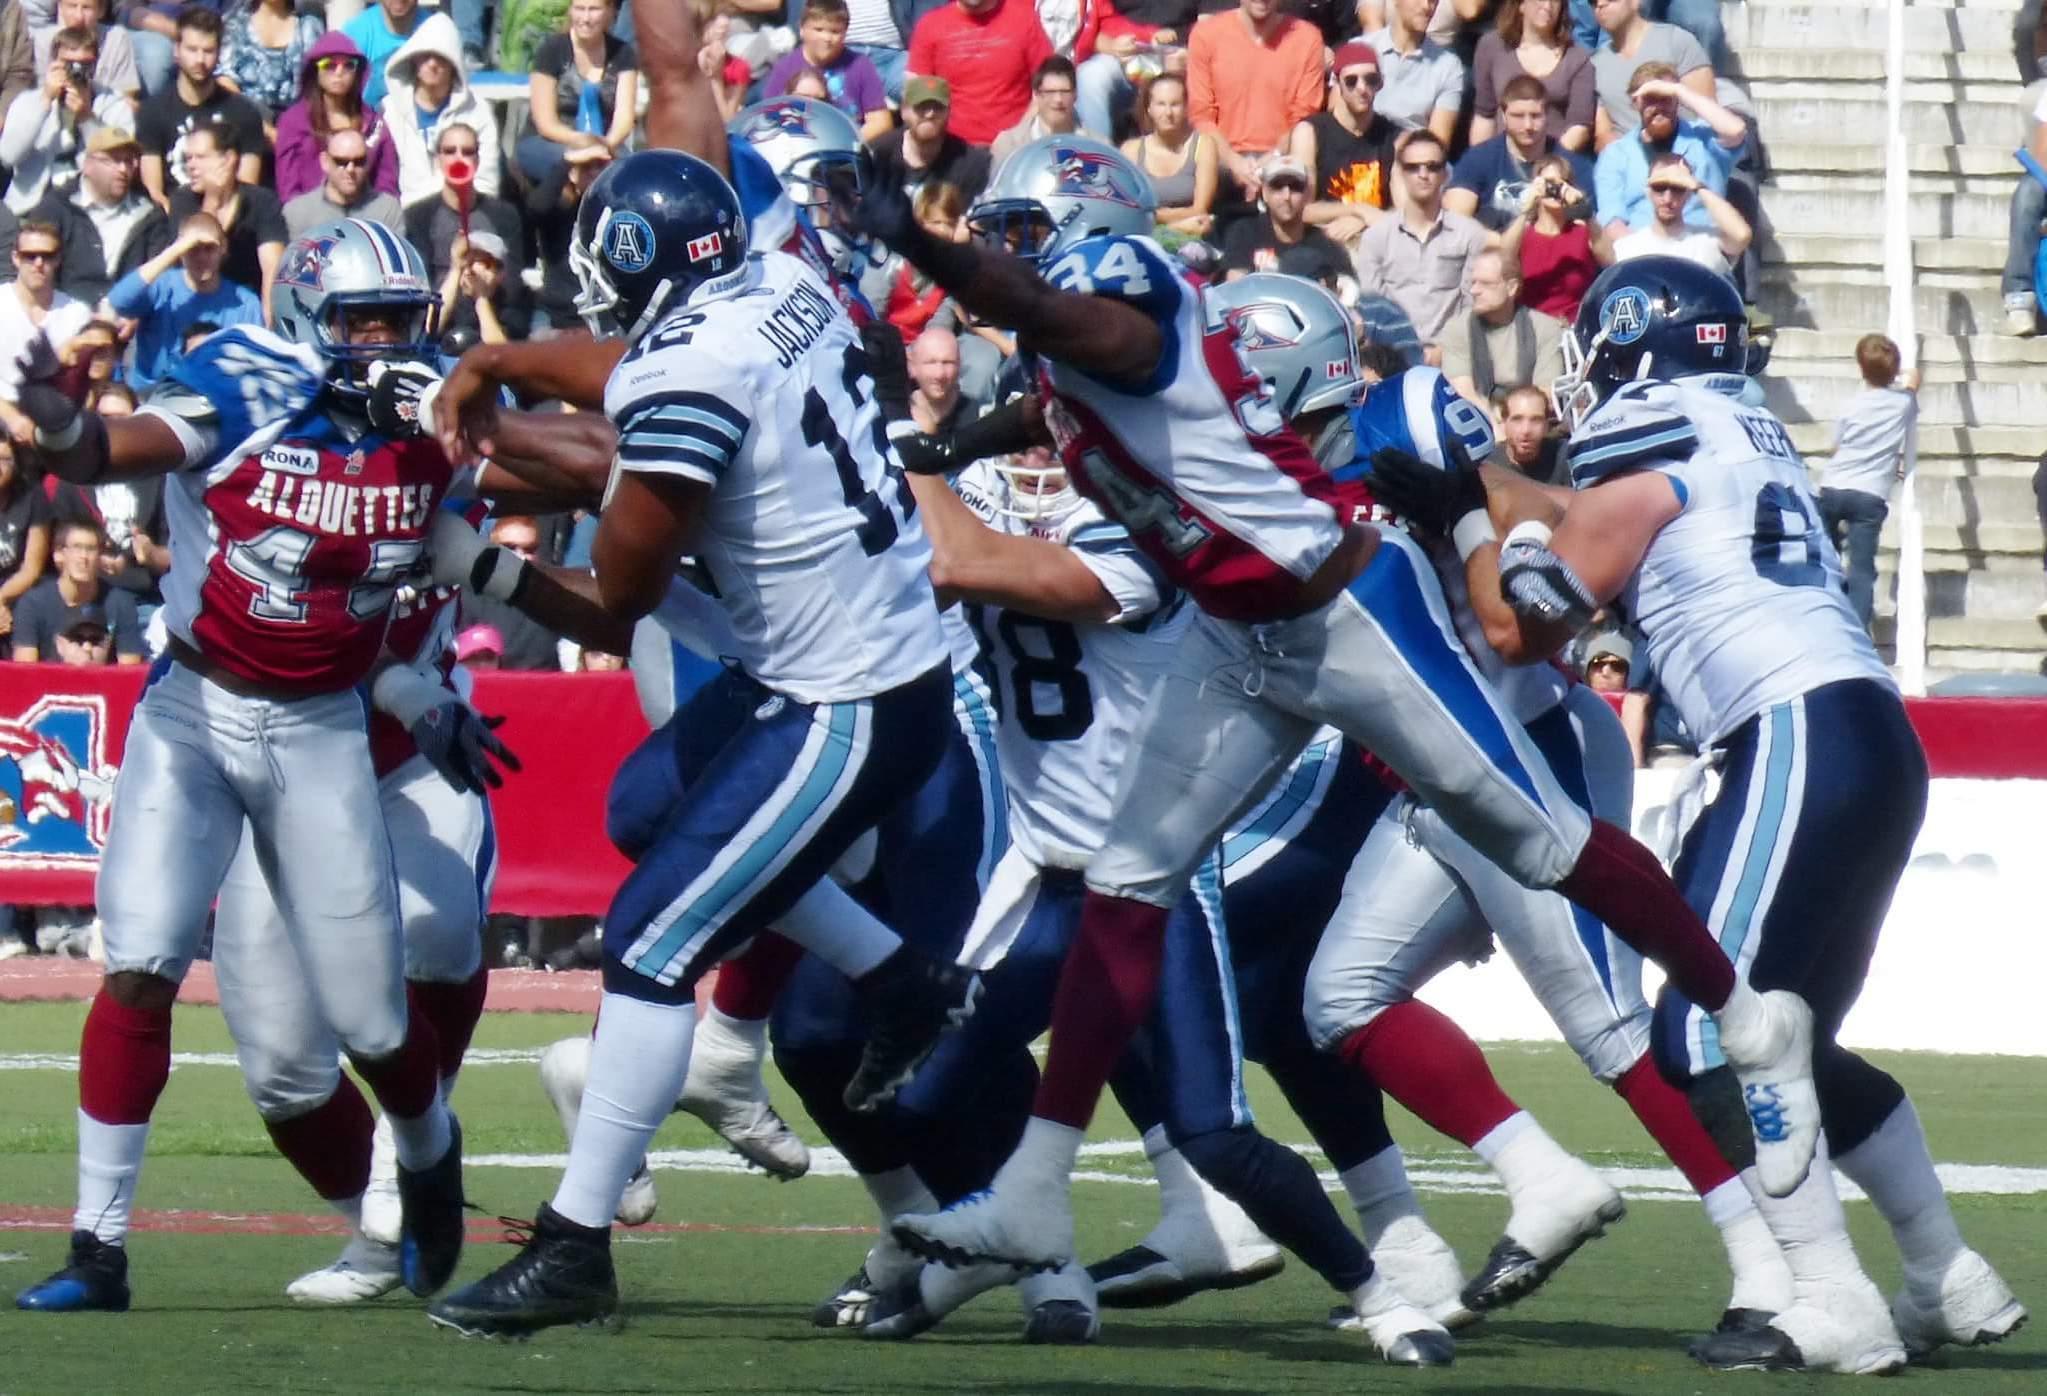 Toronto Argonauts vs Montreal Alouettes CFL rivalry